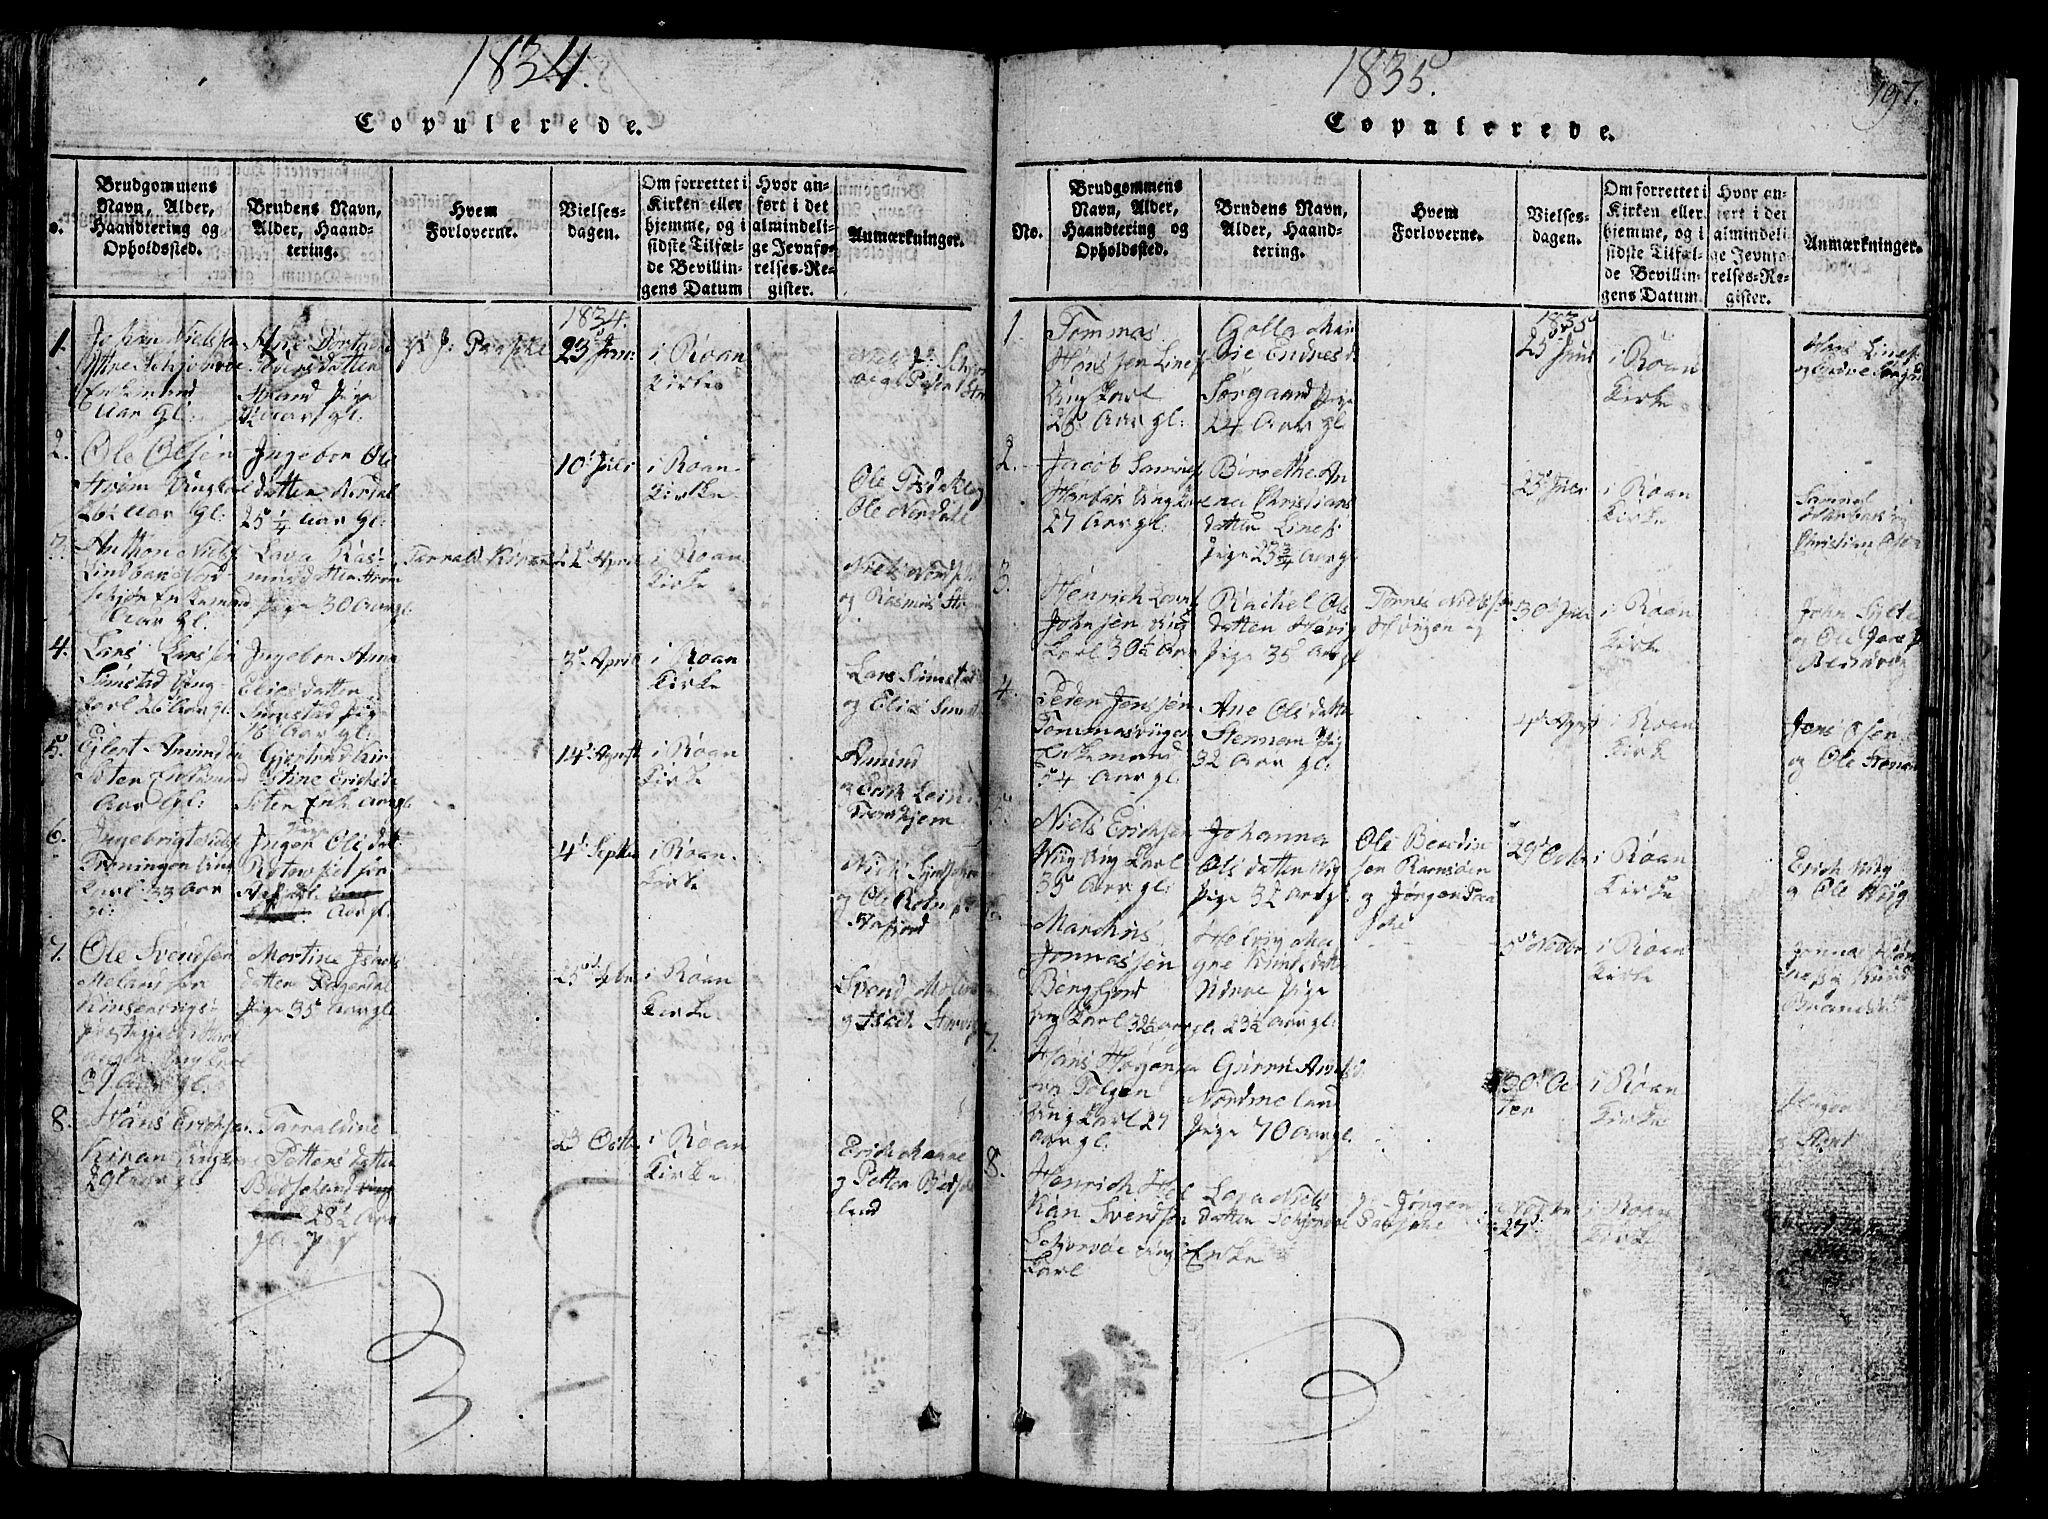 SAT, Ministerialprotokoller, klokkerbøker og fødselsregistre - Sør-Trøndelag, 657/L0714: Klokkerbok nr. 657C01, 1818-1868, s. 197